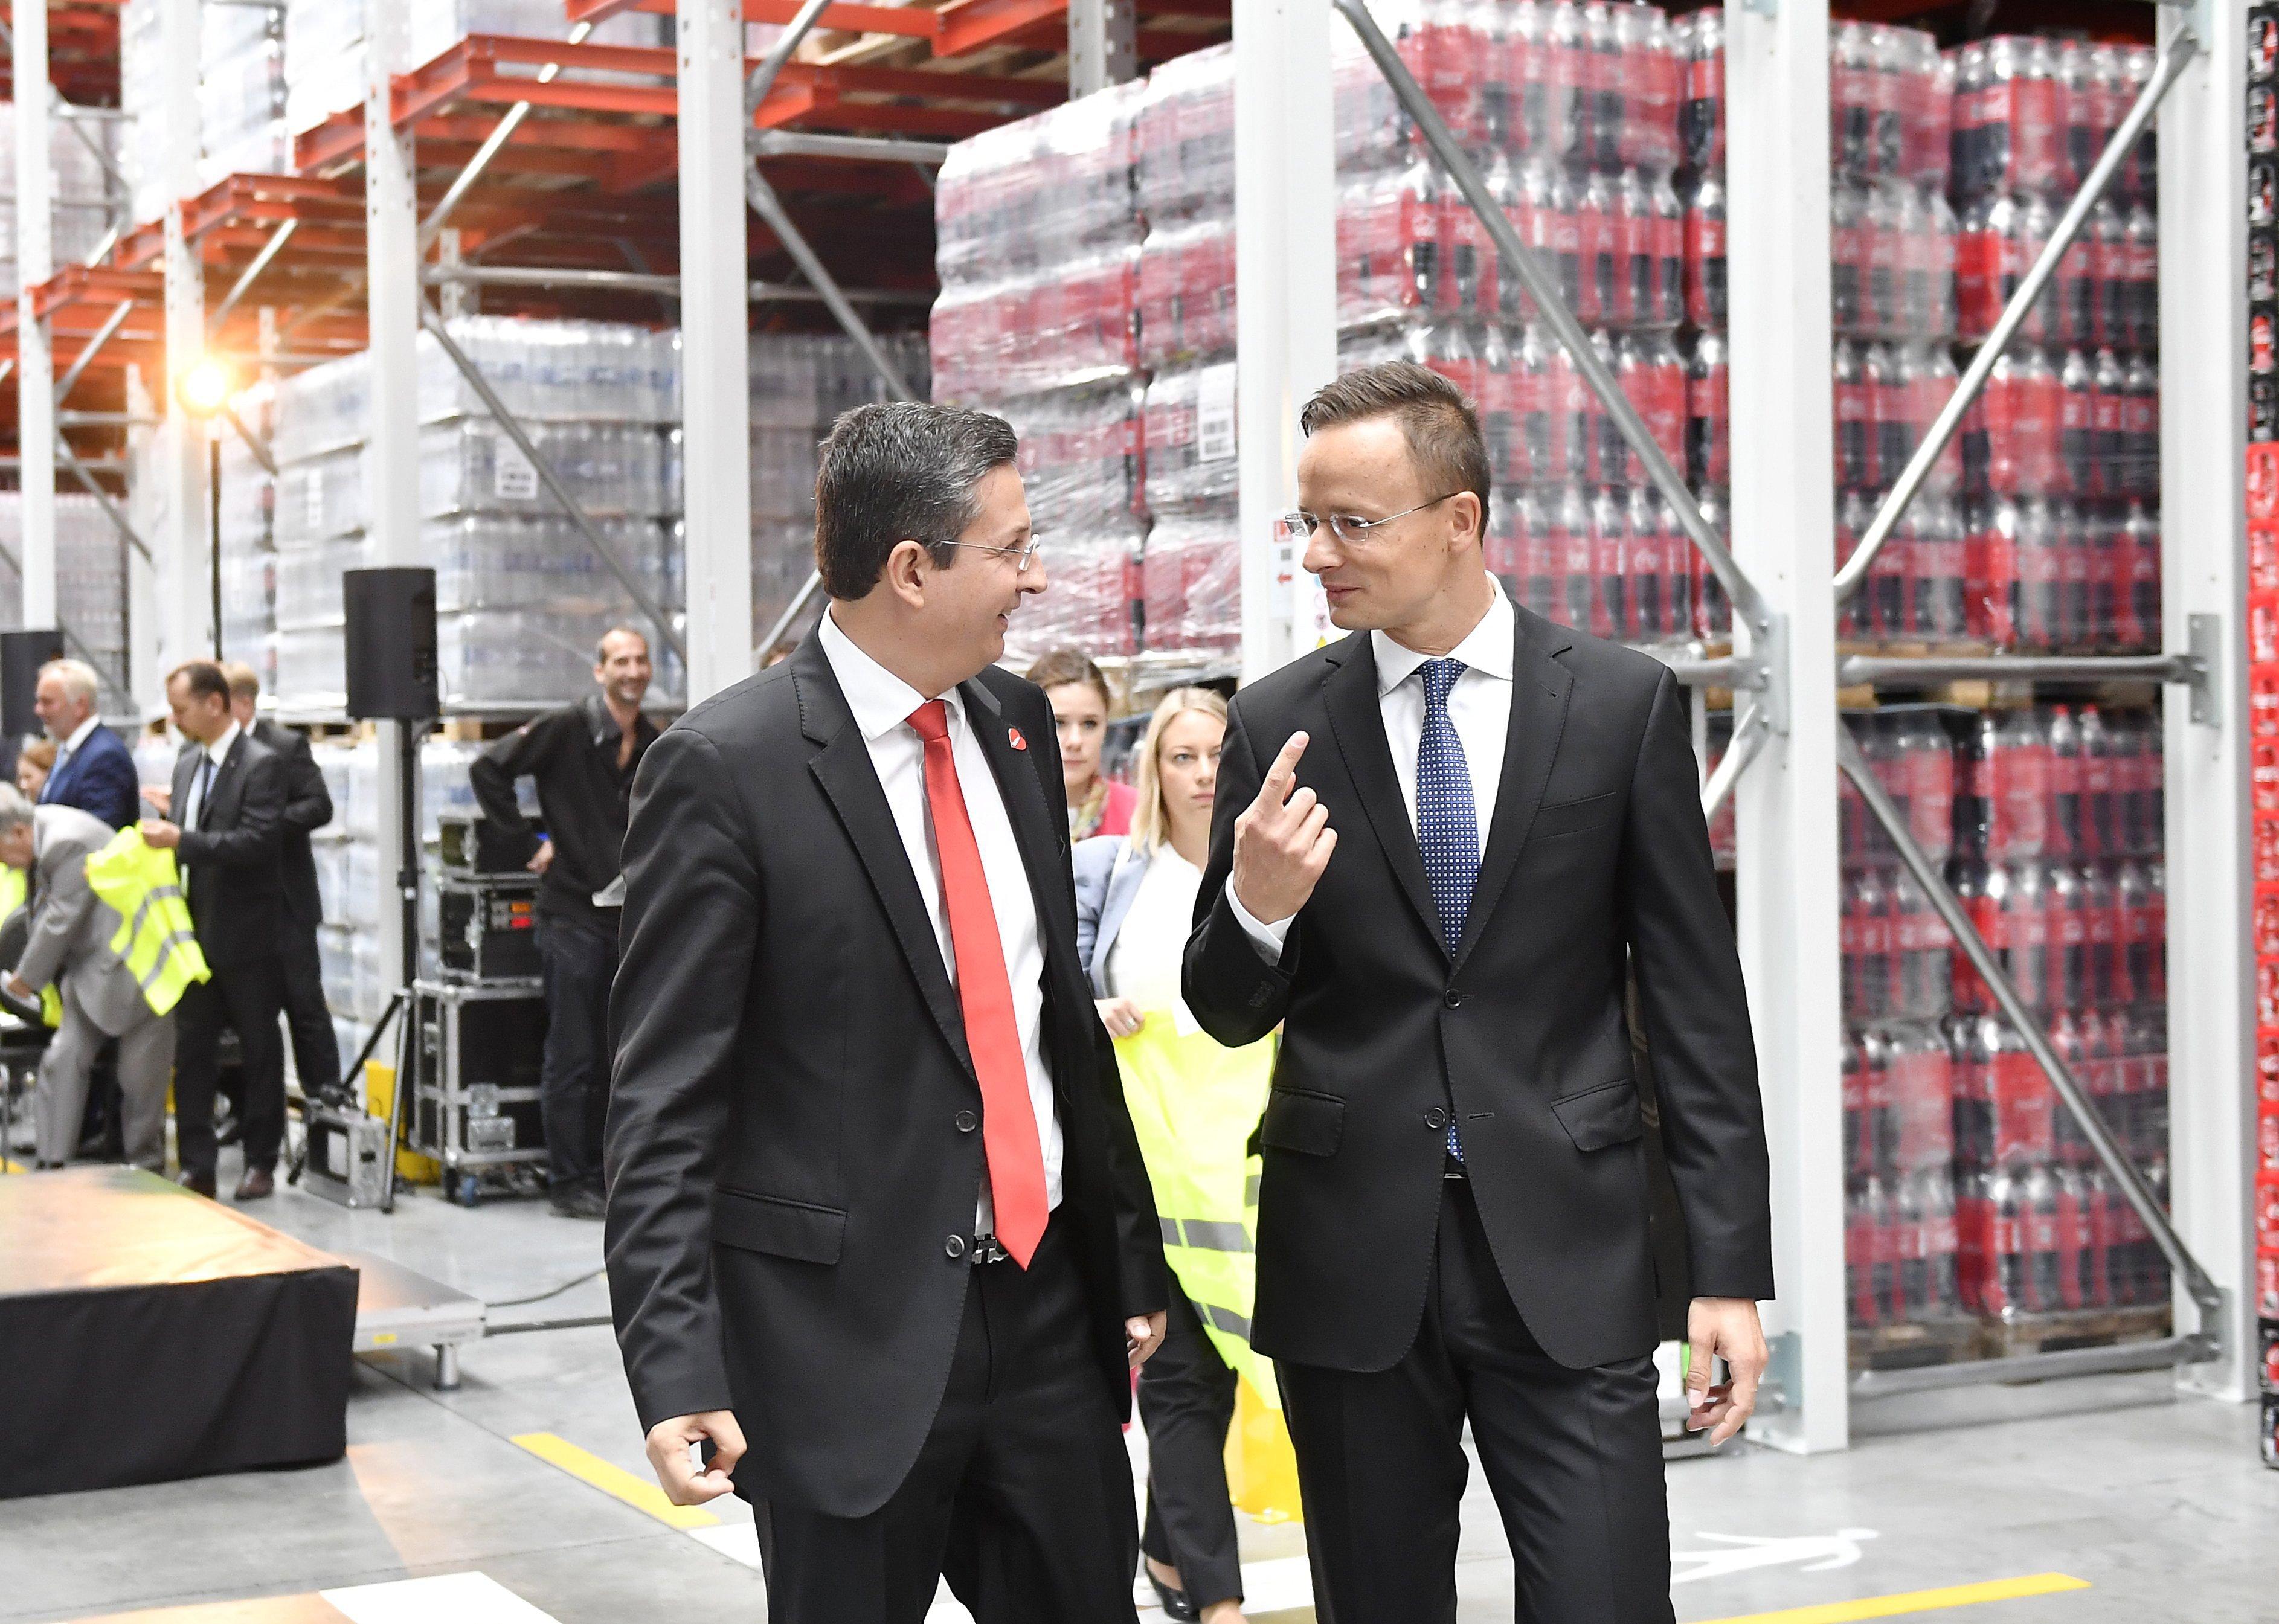 Új stratégiai együttműködési megállapodást kötne a kormány a Coca-Colával